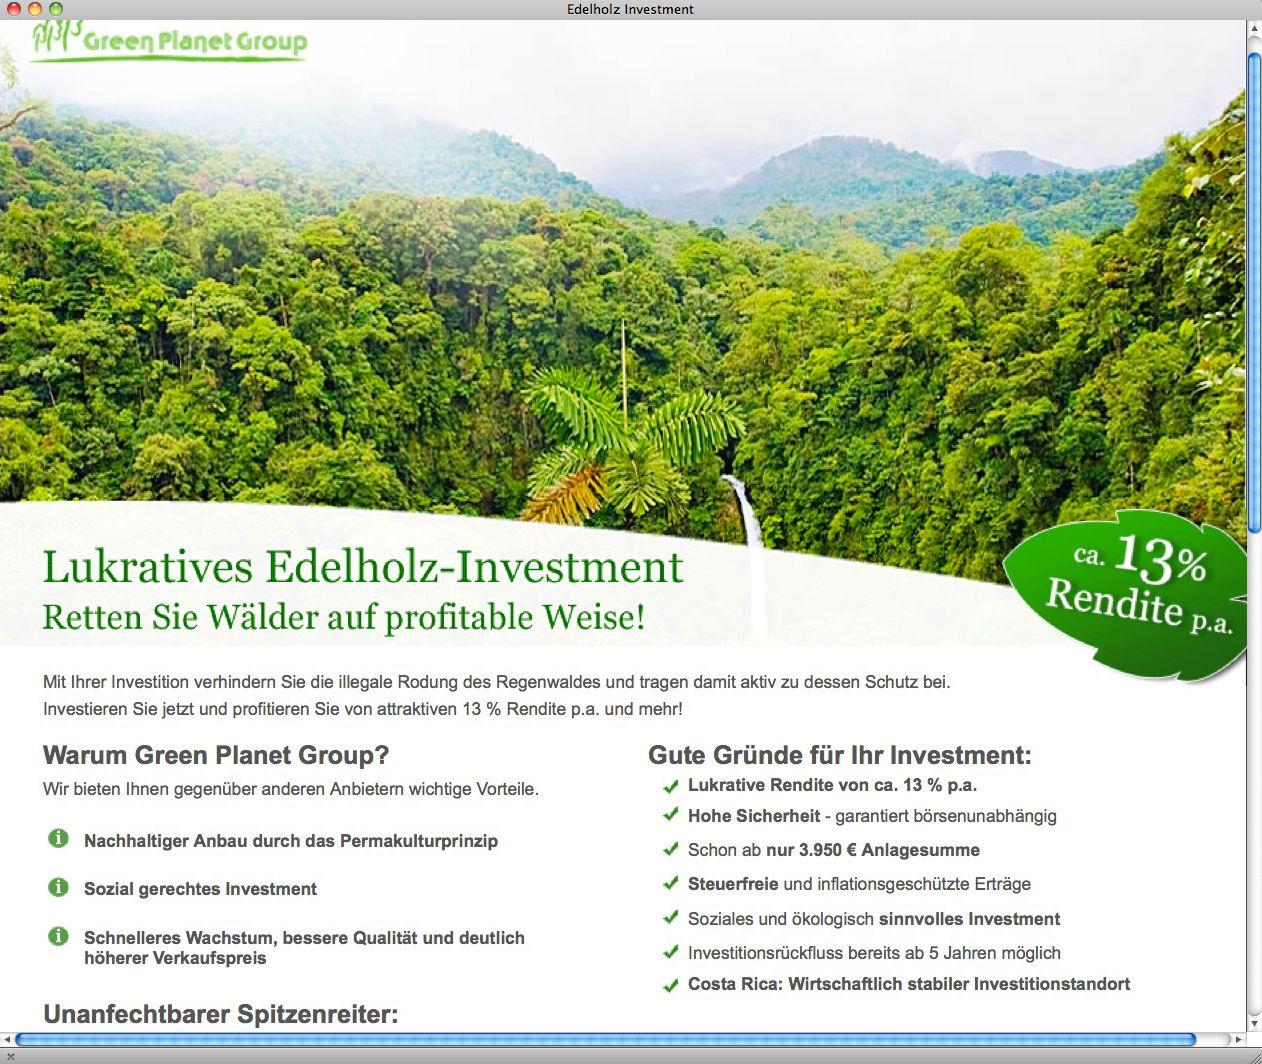 EINMALIGE VERWENDUNG NUR ALS ZITAT/ Screenshot/ Edelholz Investment